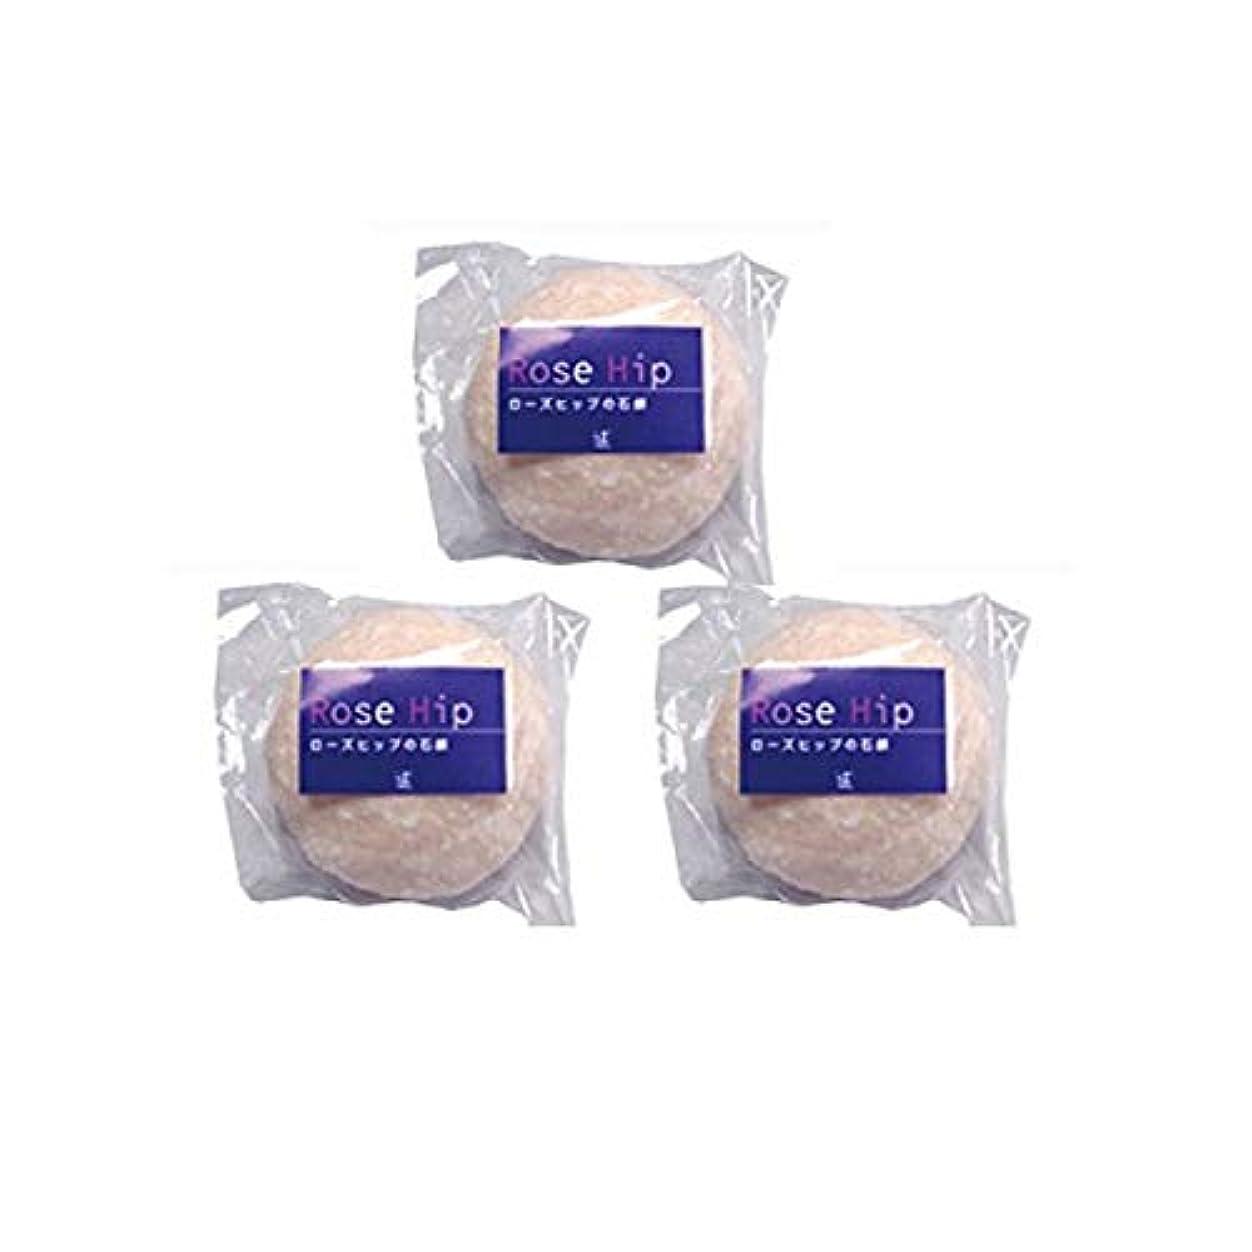 山澤清ローズヒップ石鹸3個セット(70g×3個)スパール山澤清のローズヒップ無添加洗顔石鹸